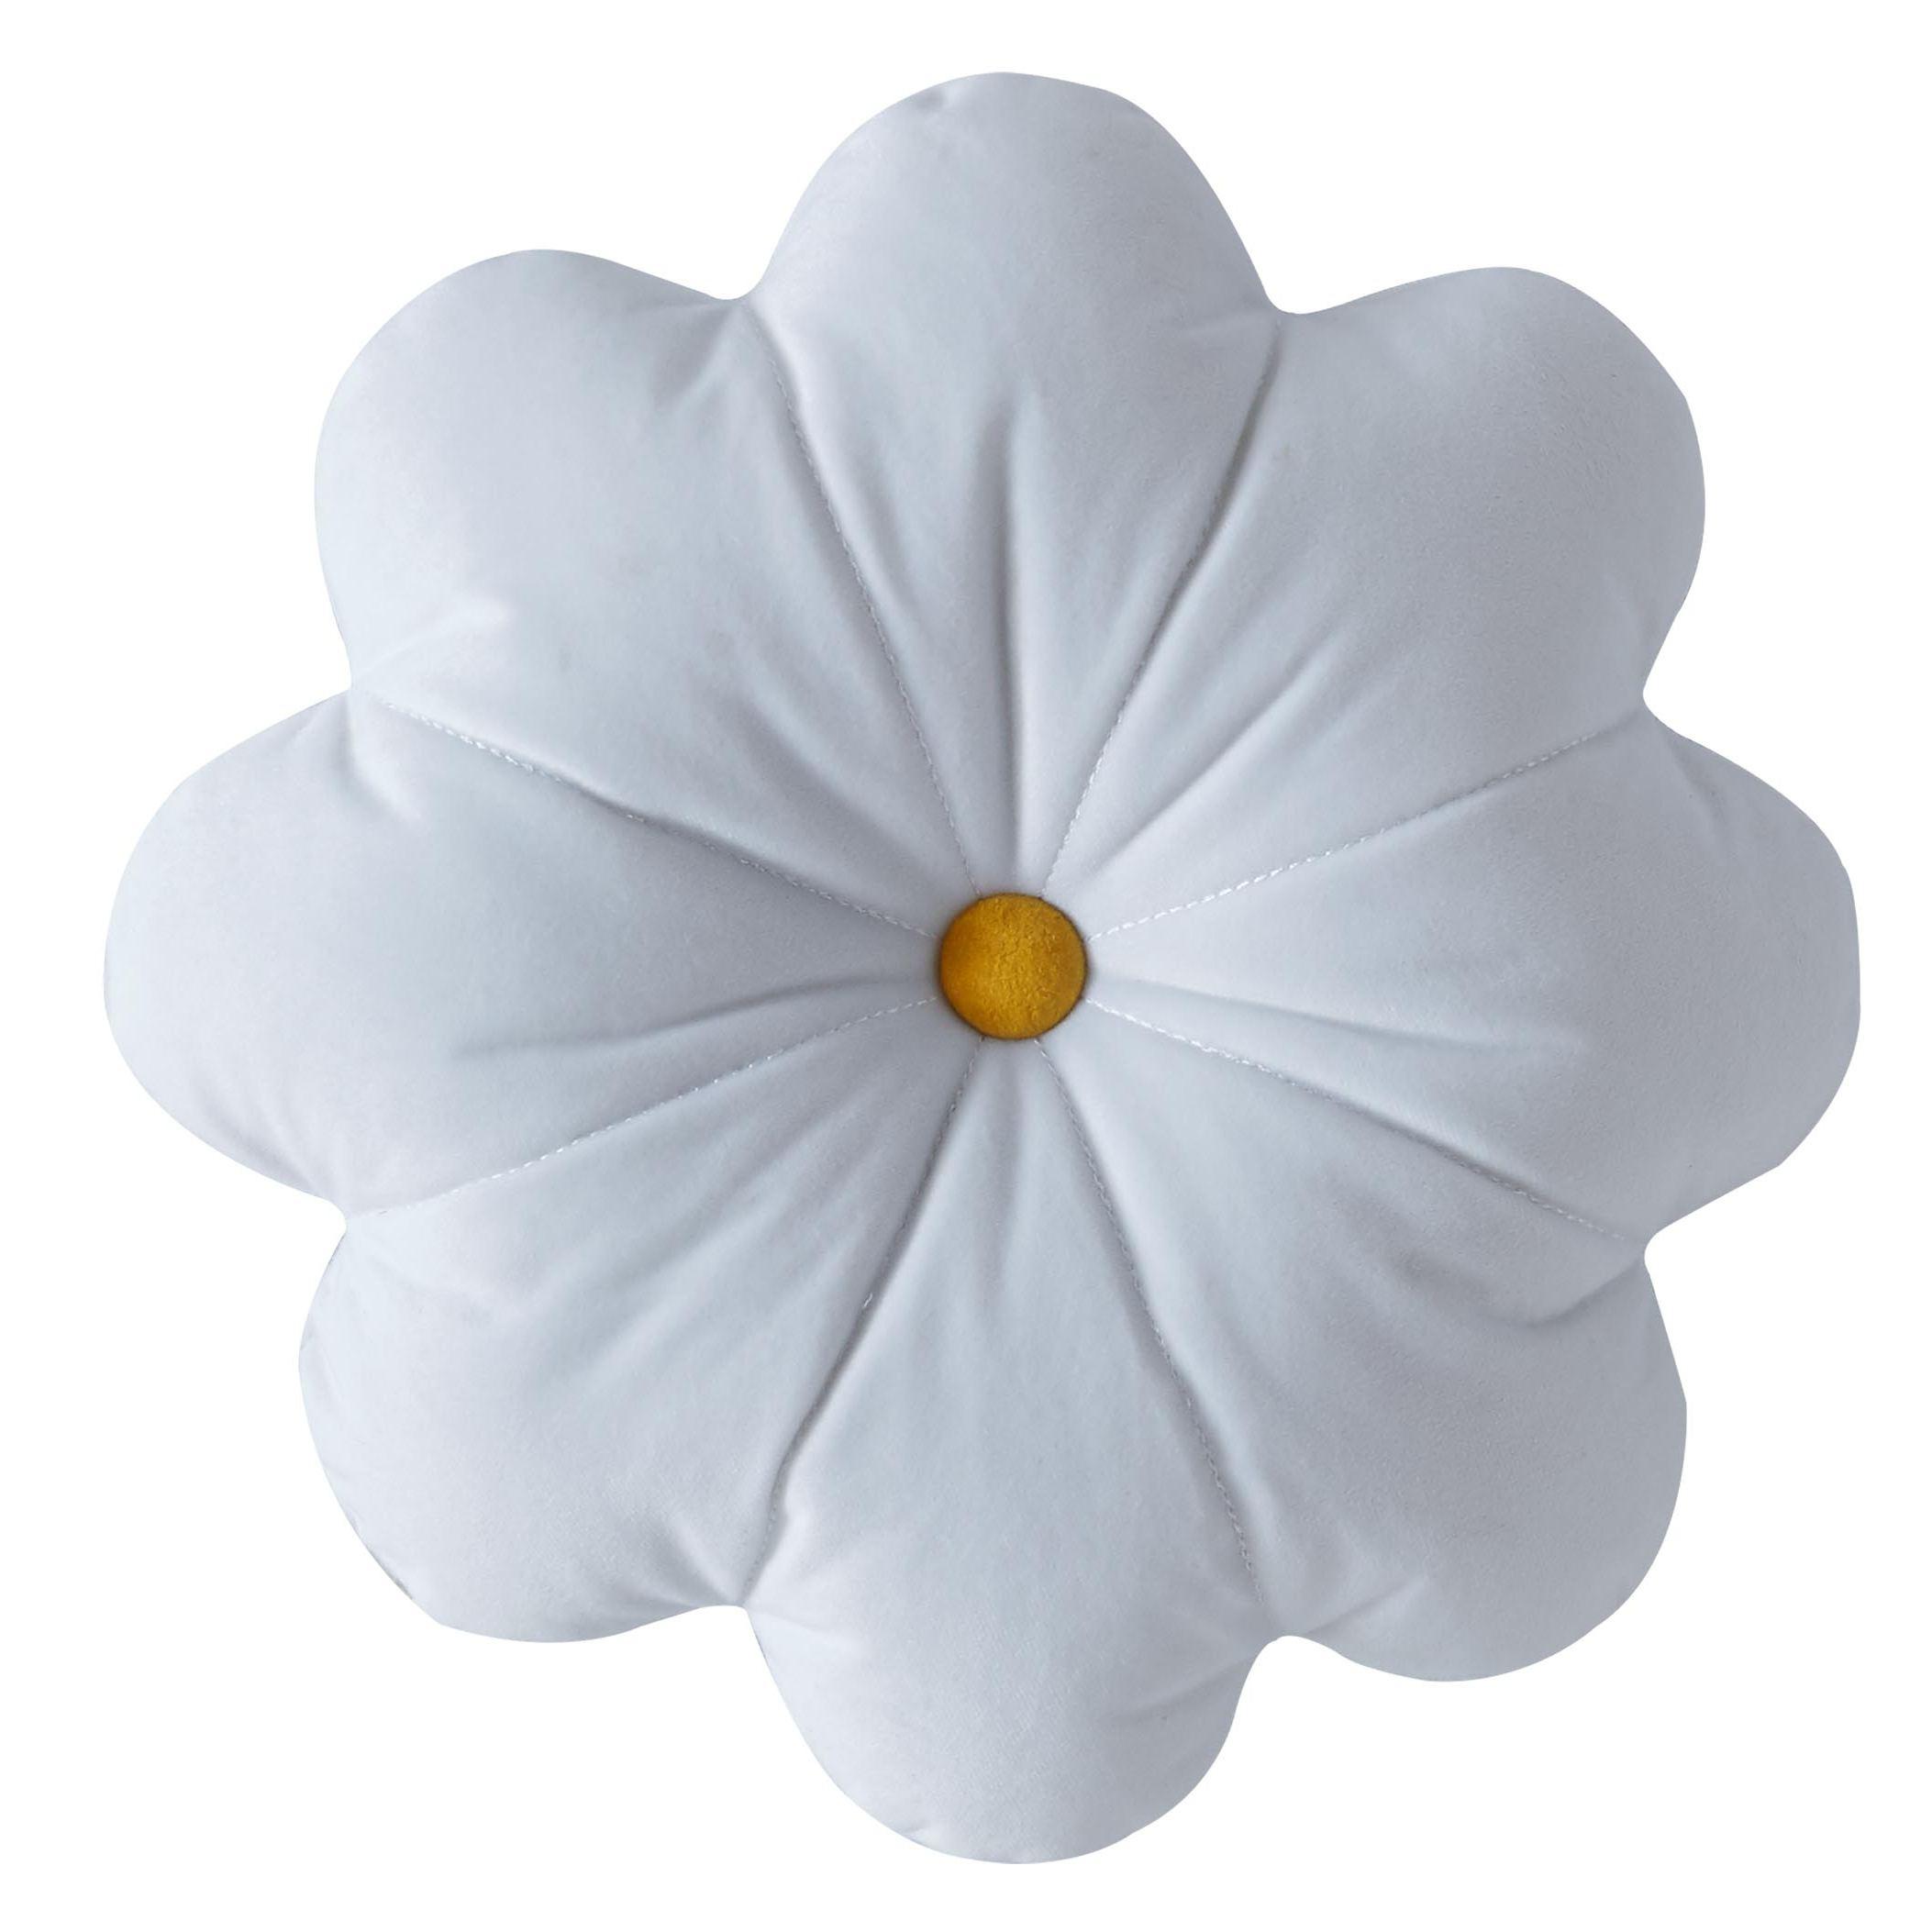 DAISY CUSHION 30x30cm - WHITE